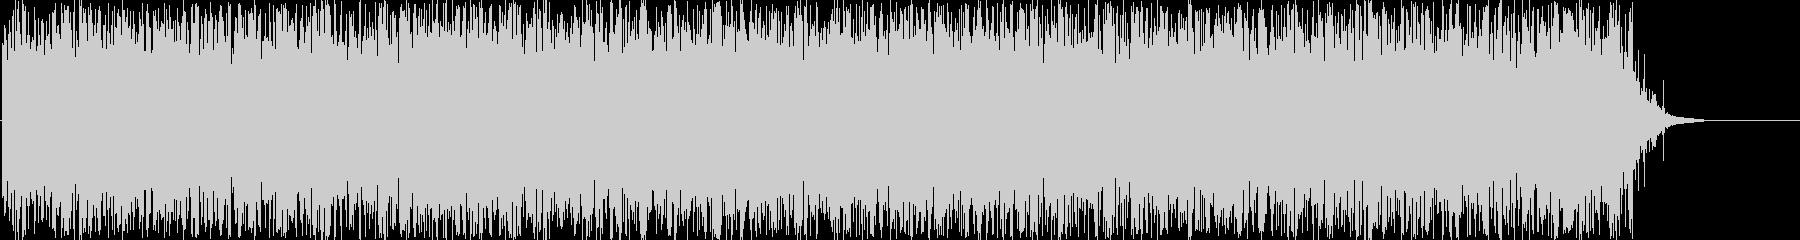 イメージ クレイジーディジュリドゥ...の未再生の波形